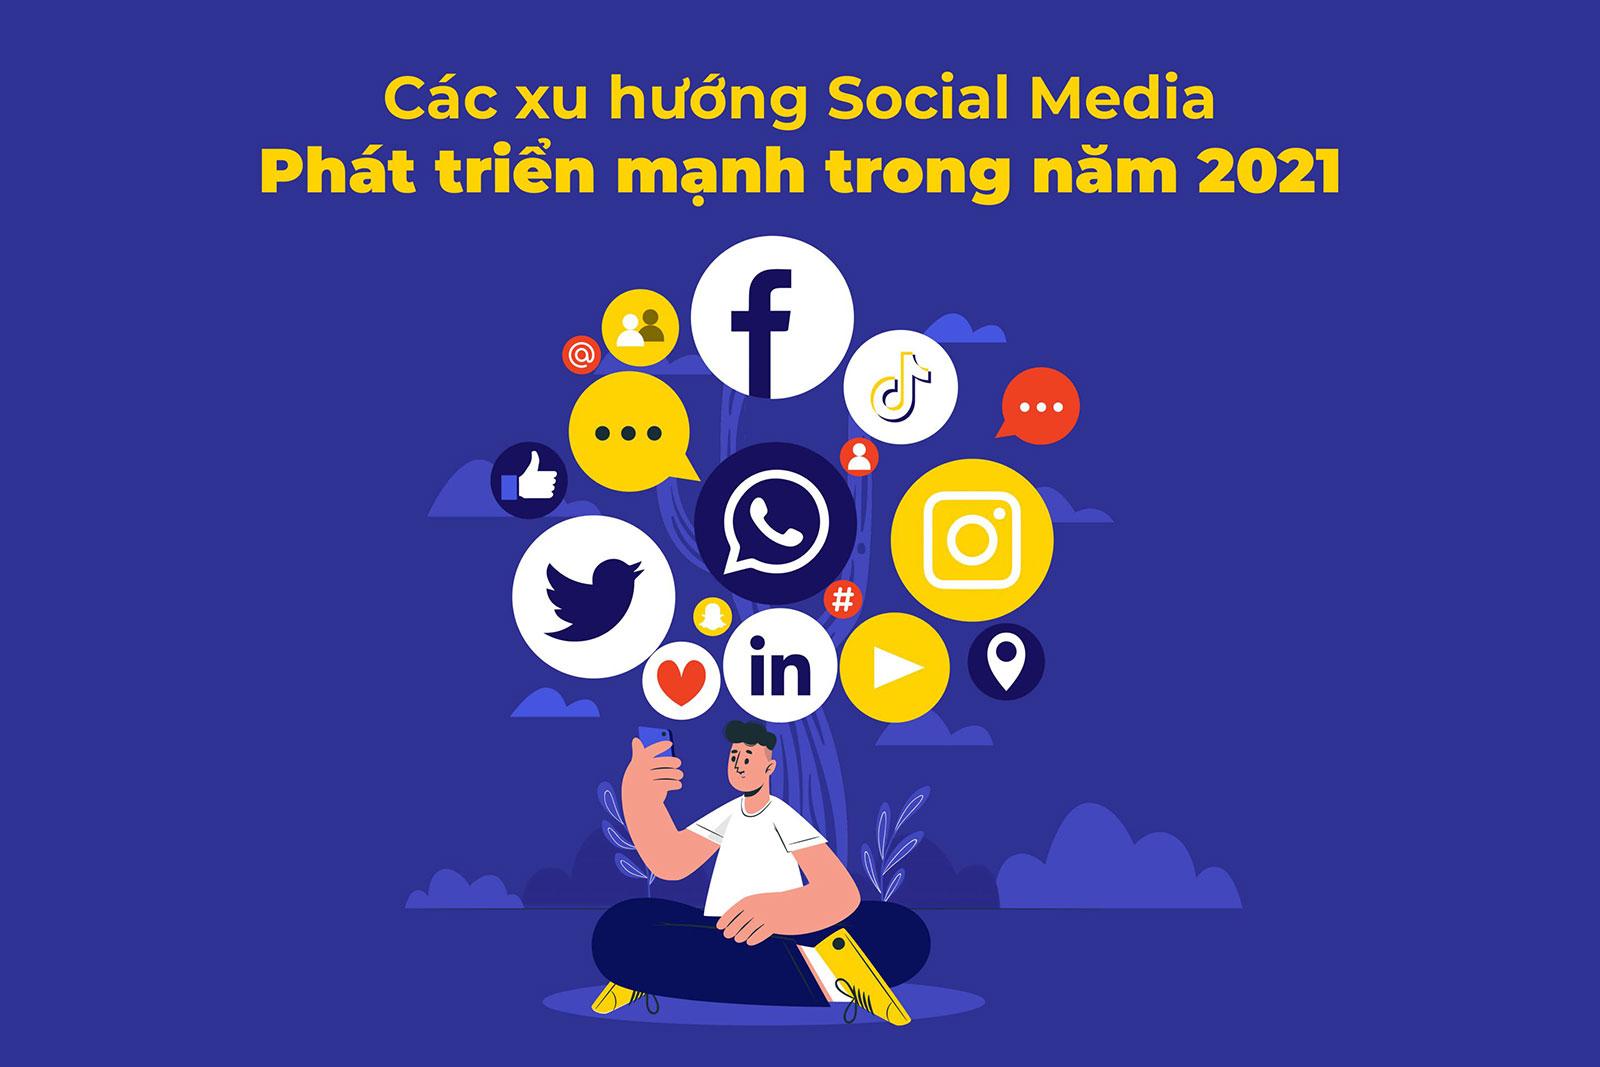 Các xu hướng Social Media sẽ tiếp tục phát triển trong năm 2021